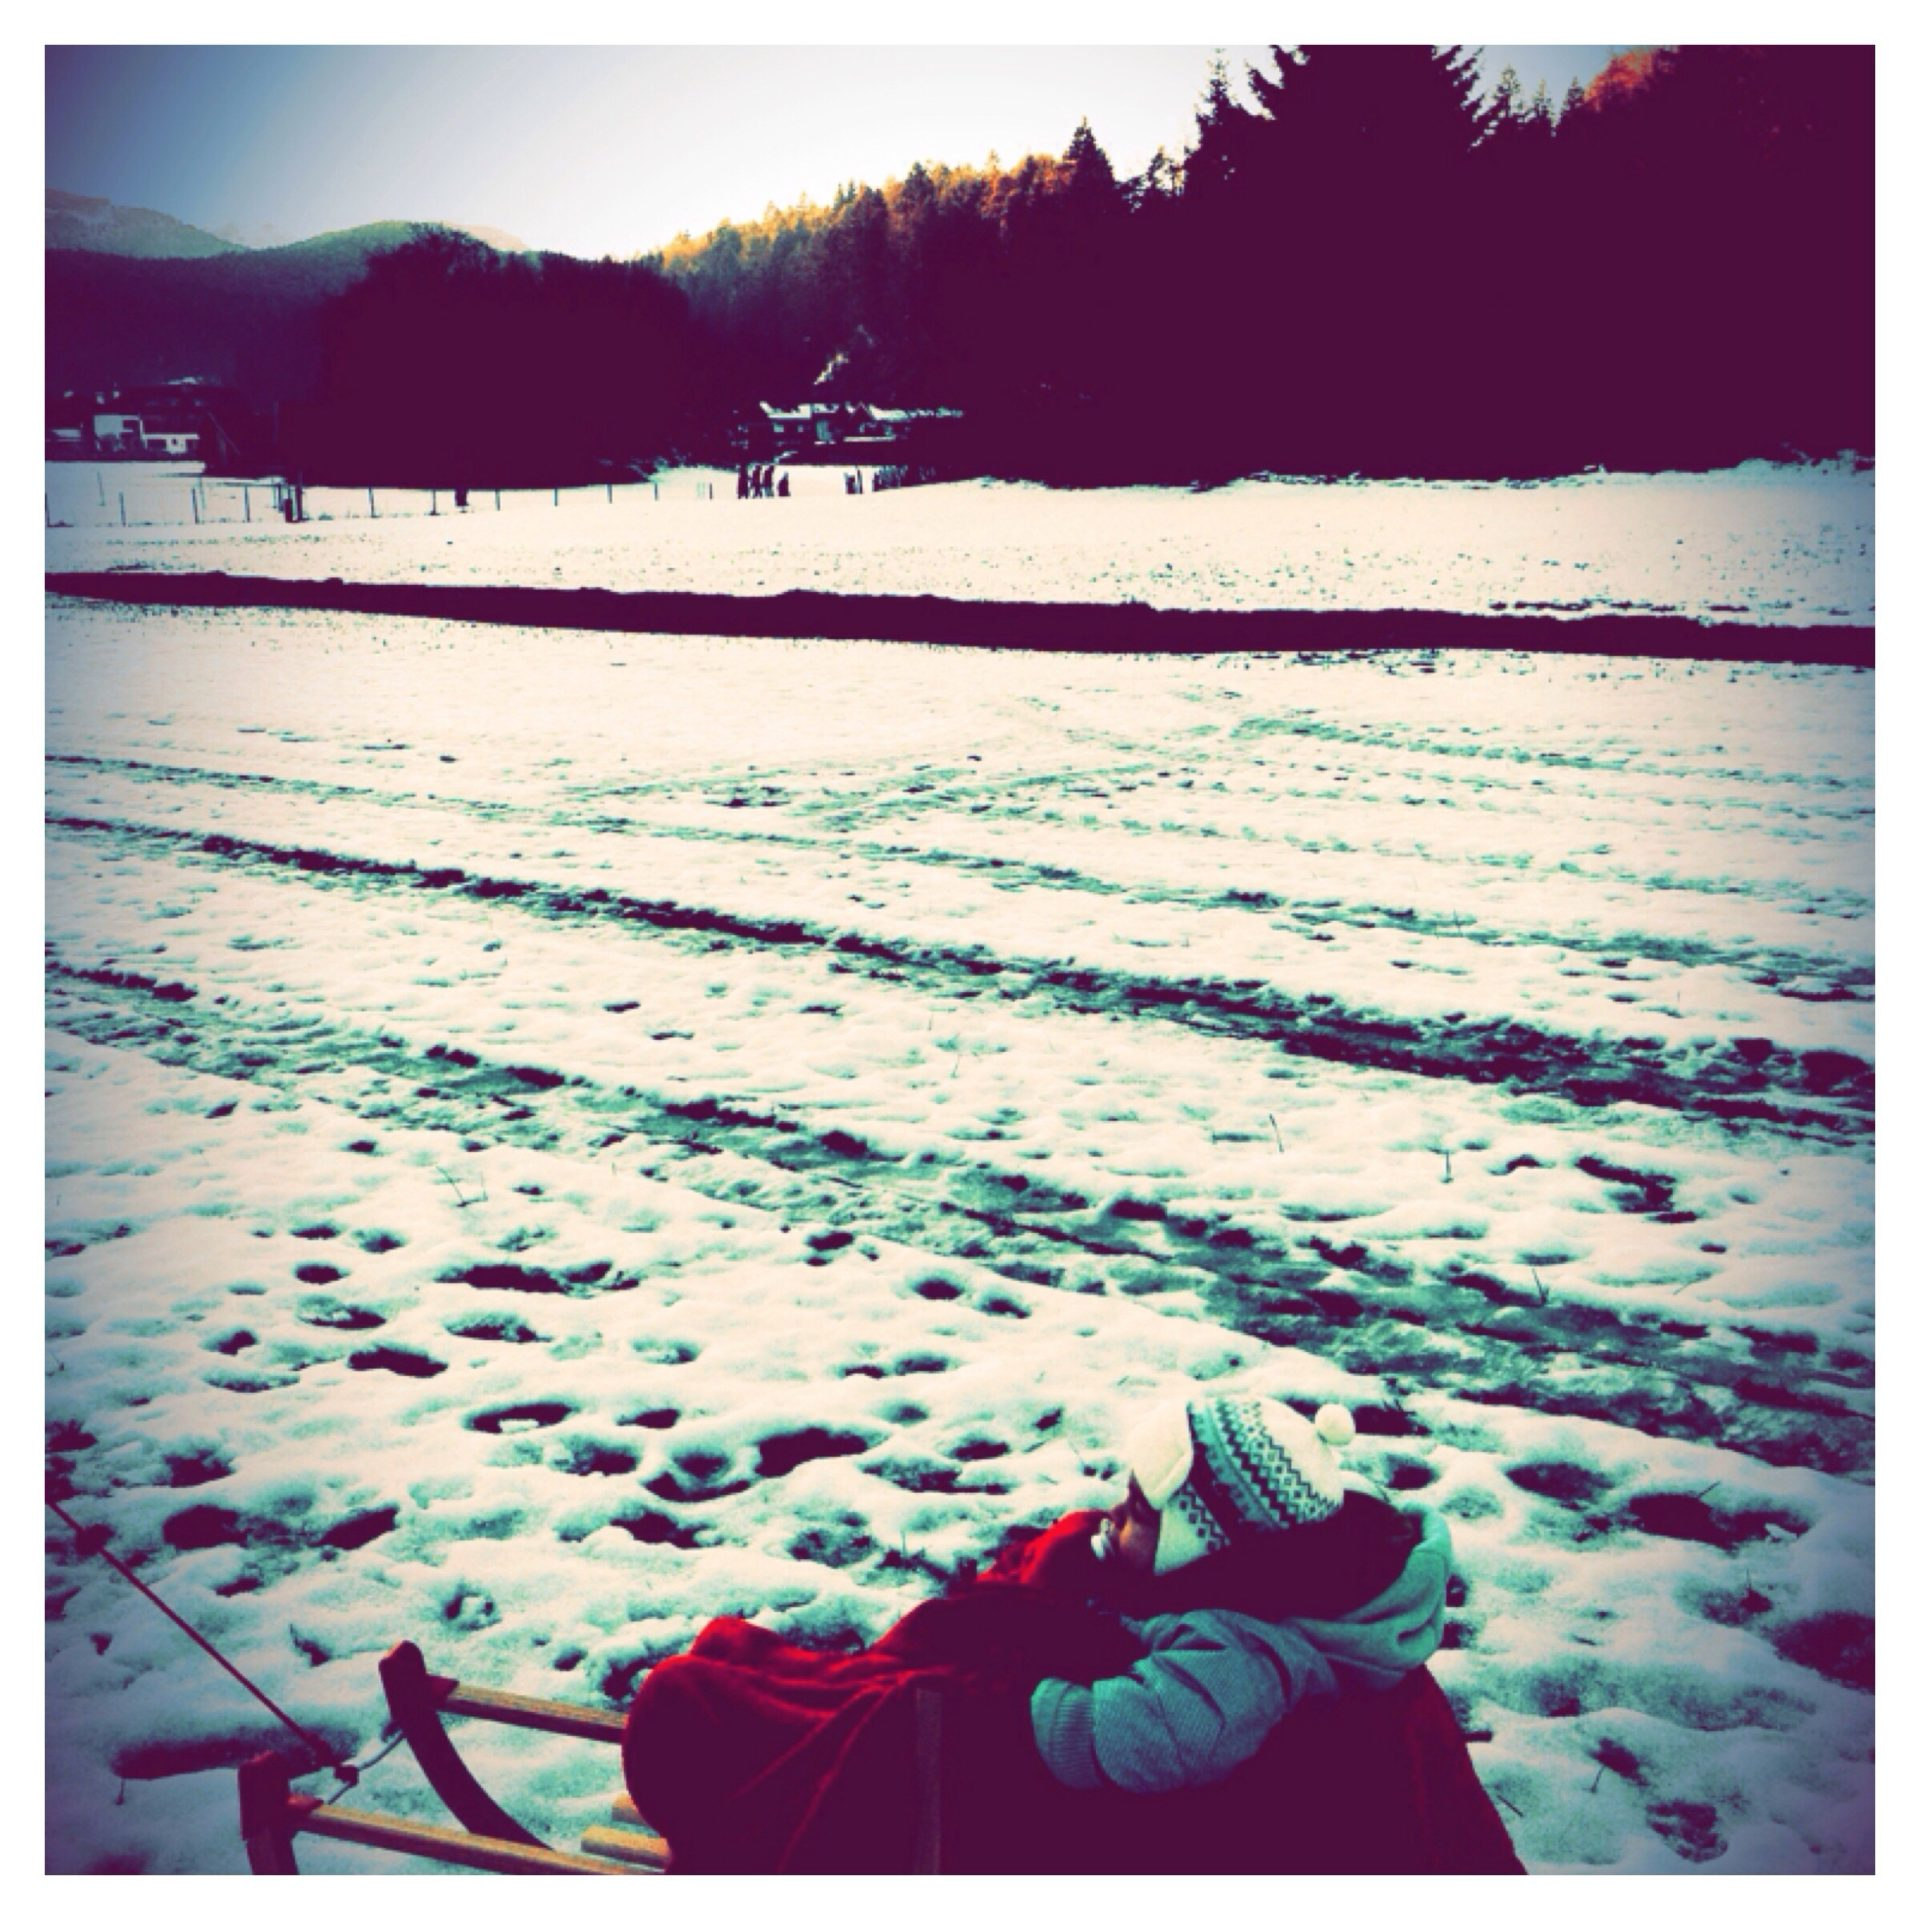 Schlittenfahren mit Kindern - Grainau bei Garmisch